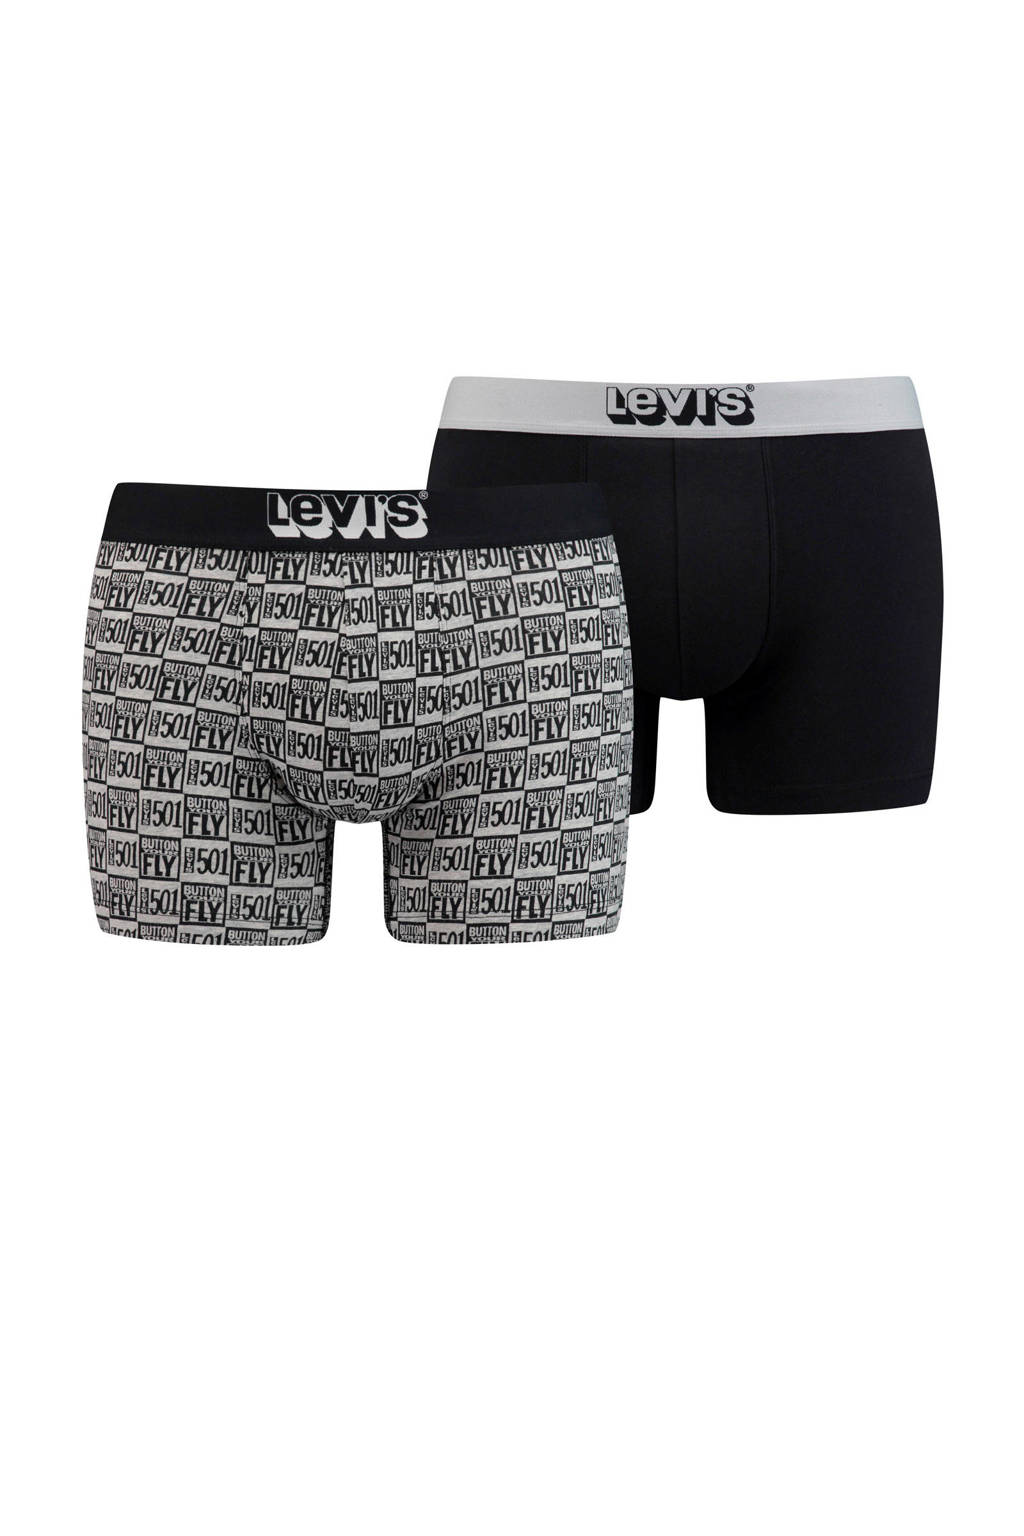 Levi's boxershort (set van 2), Zwart/grijs